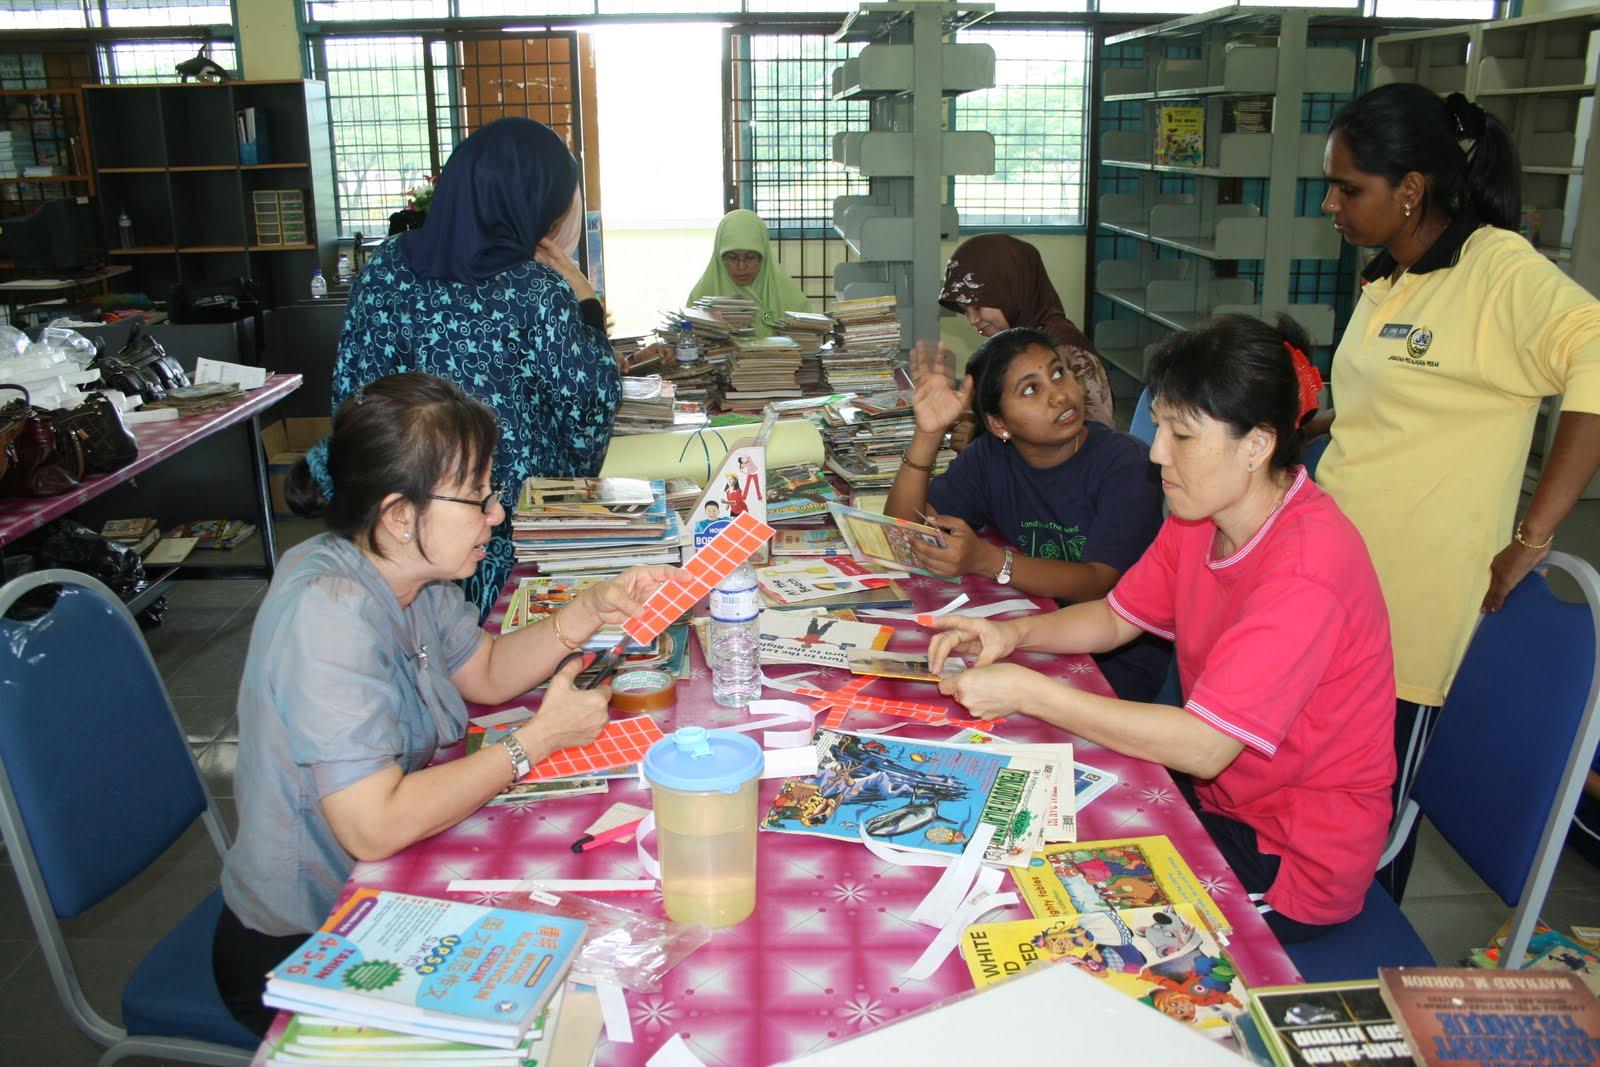 pertukaran pegawai sistem maklumat http://pkgseberangjaya.blogspot.com